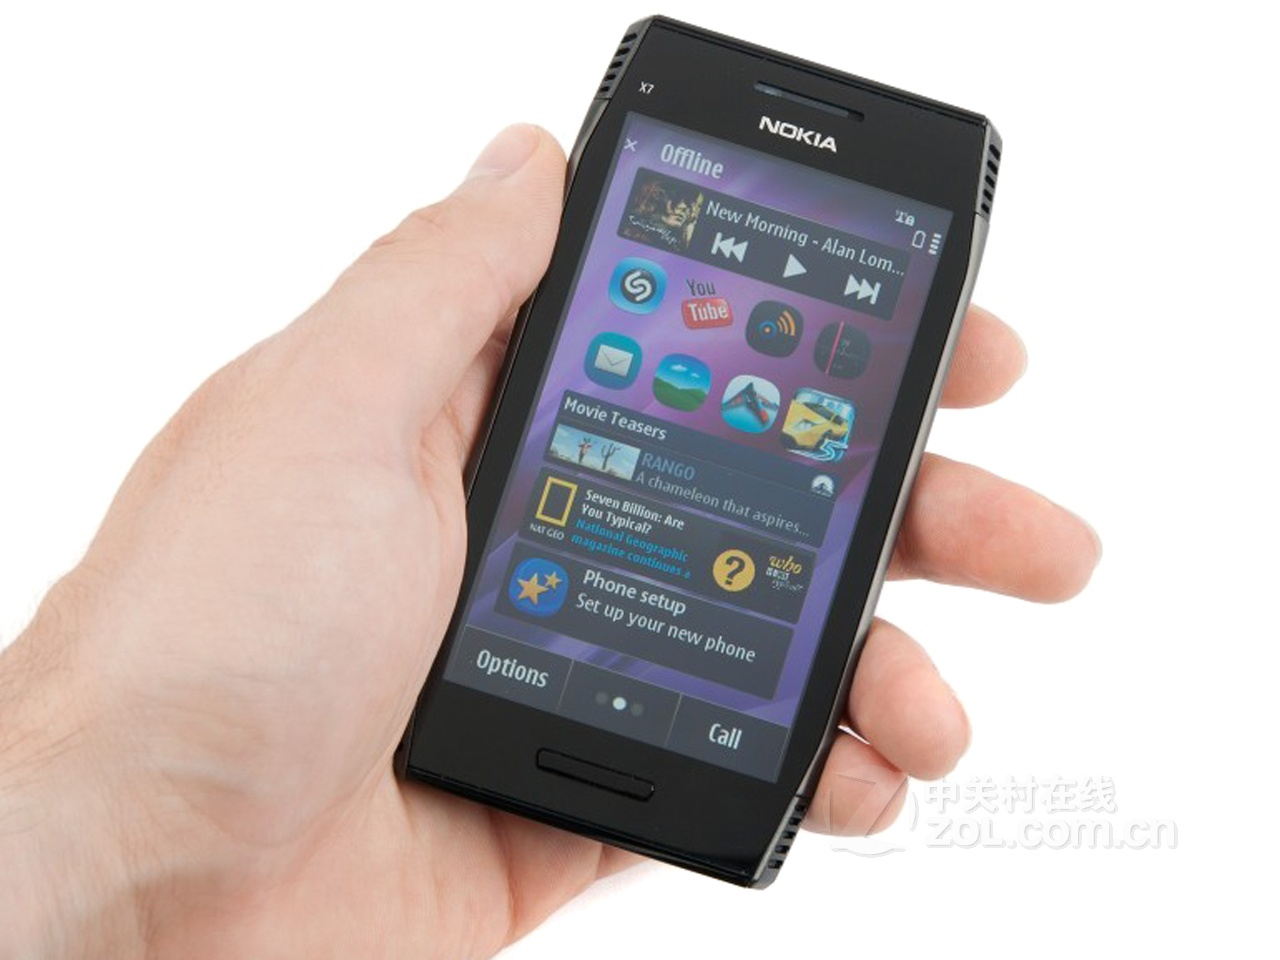 诺基亚nokia X7-00用户手册说明书下载 - Andyu - Andyu的空间